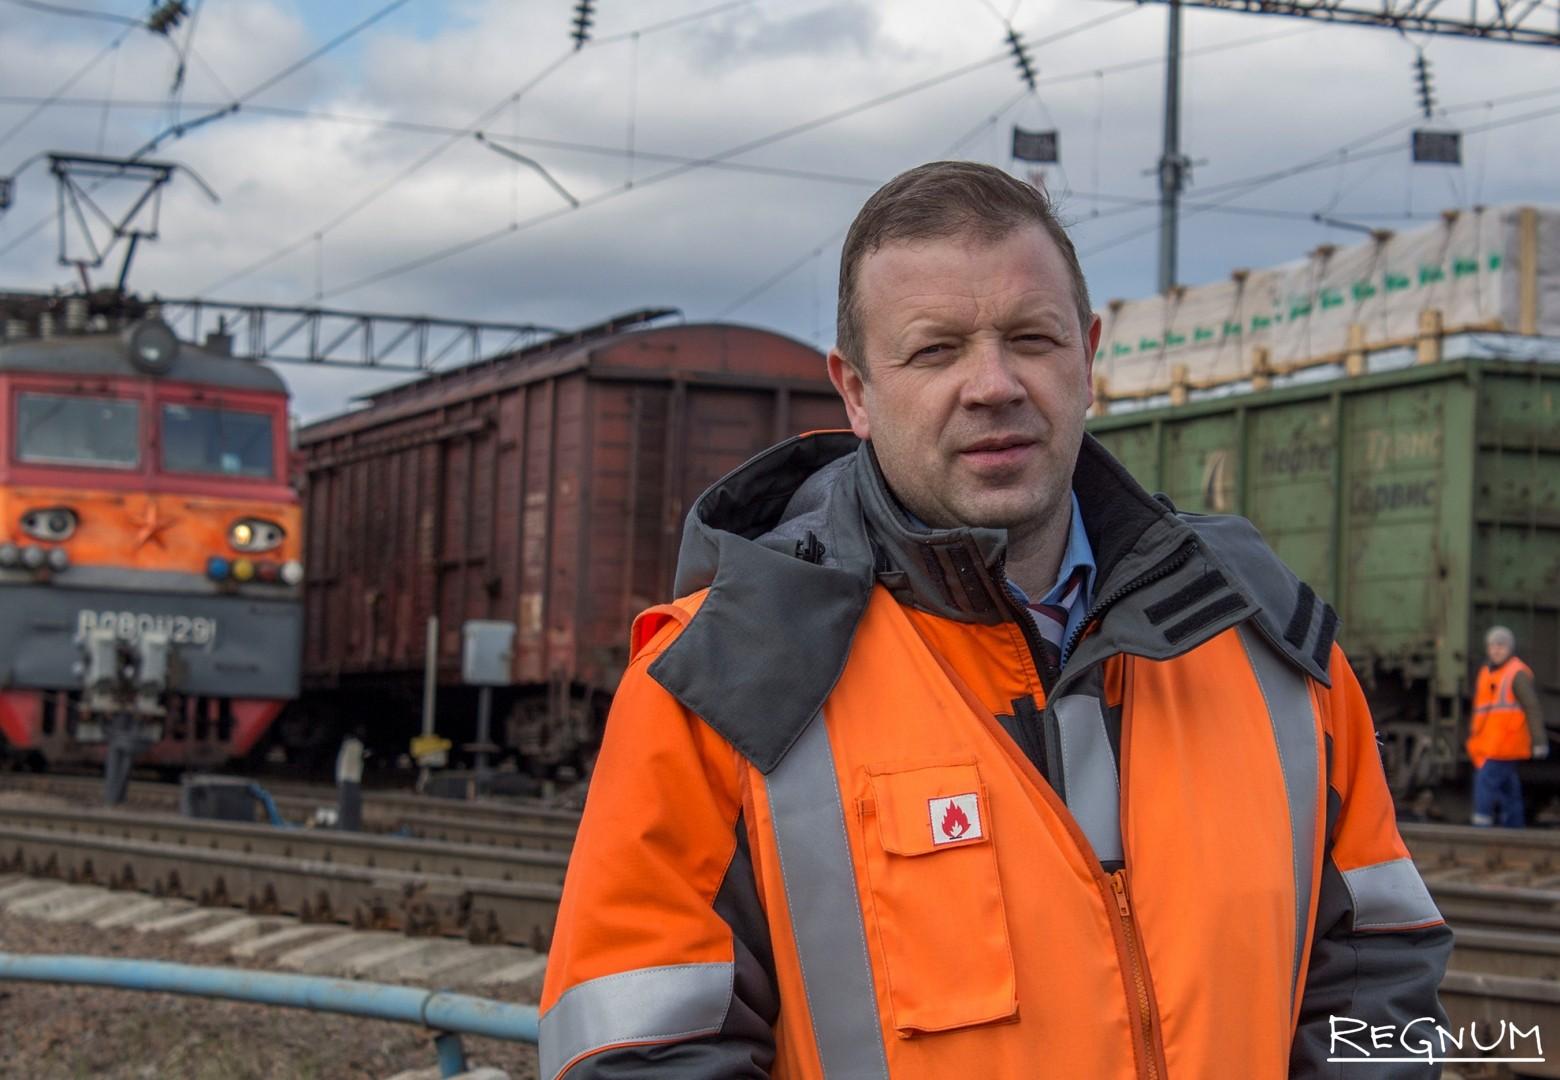 Сергей Кириллов с удовольствием рассказывает о работе на железной дороге